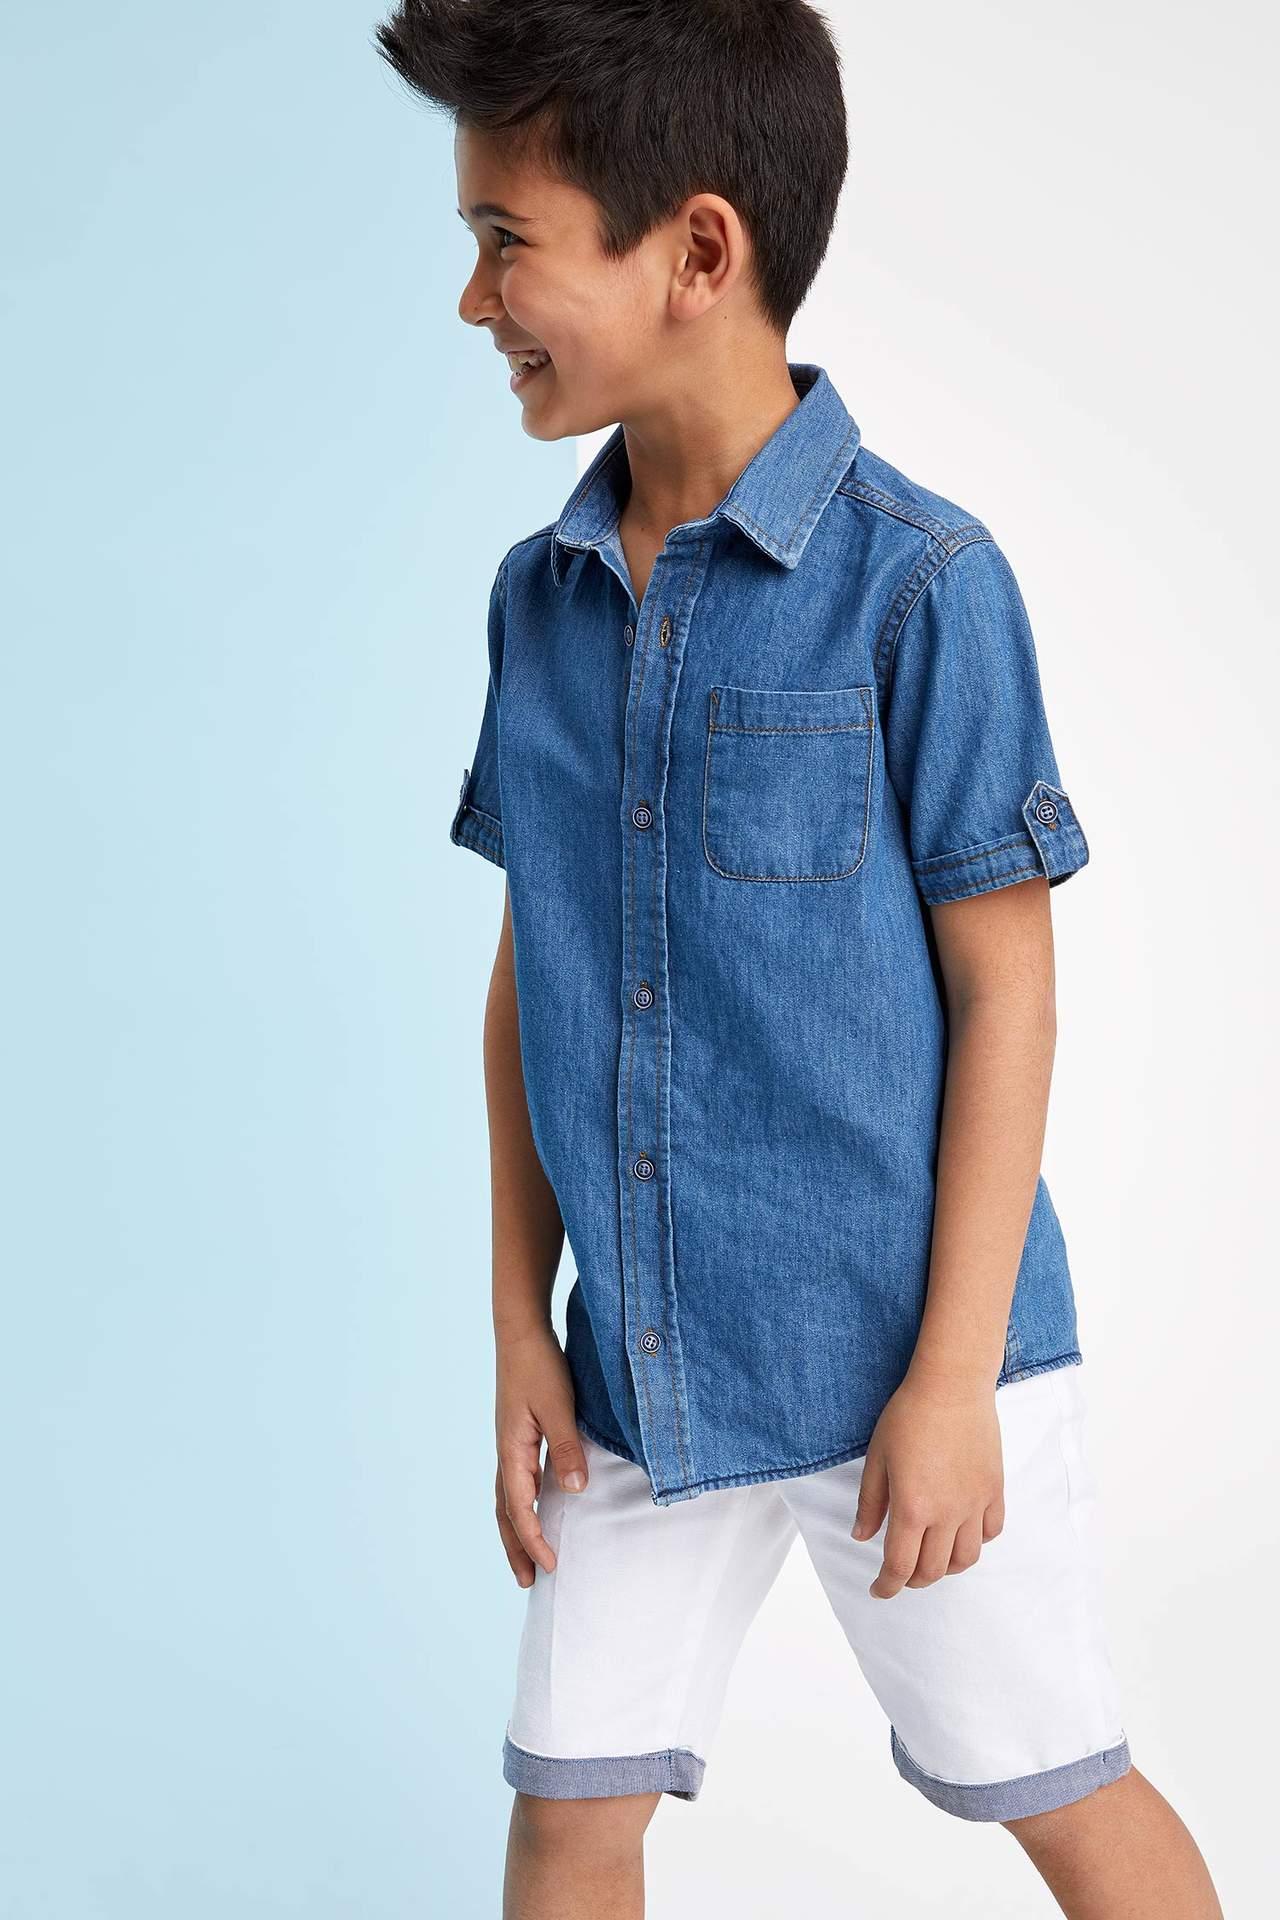 DeFacto Erkek Çocuk Kısa Kollu Jean Gömlek Mavi male